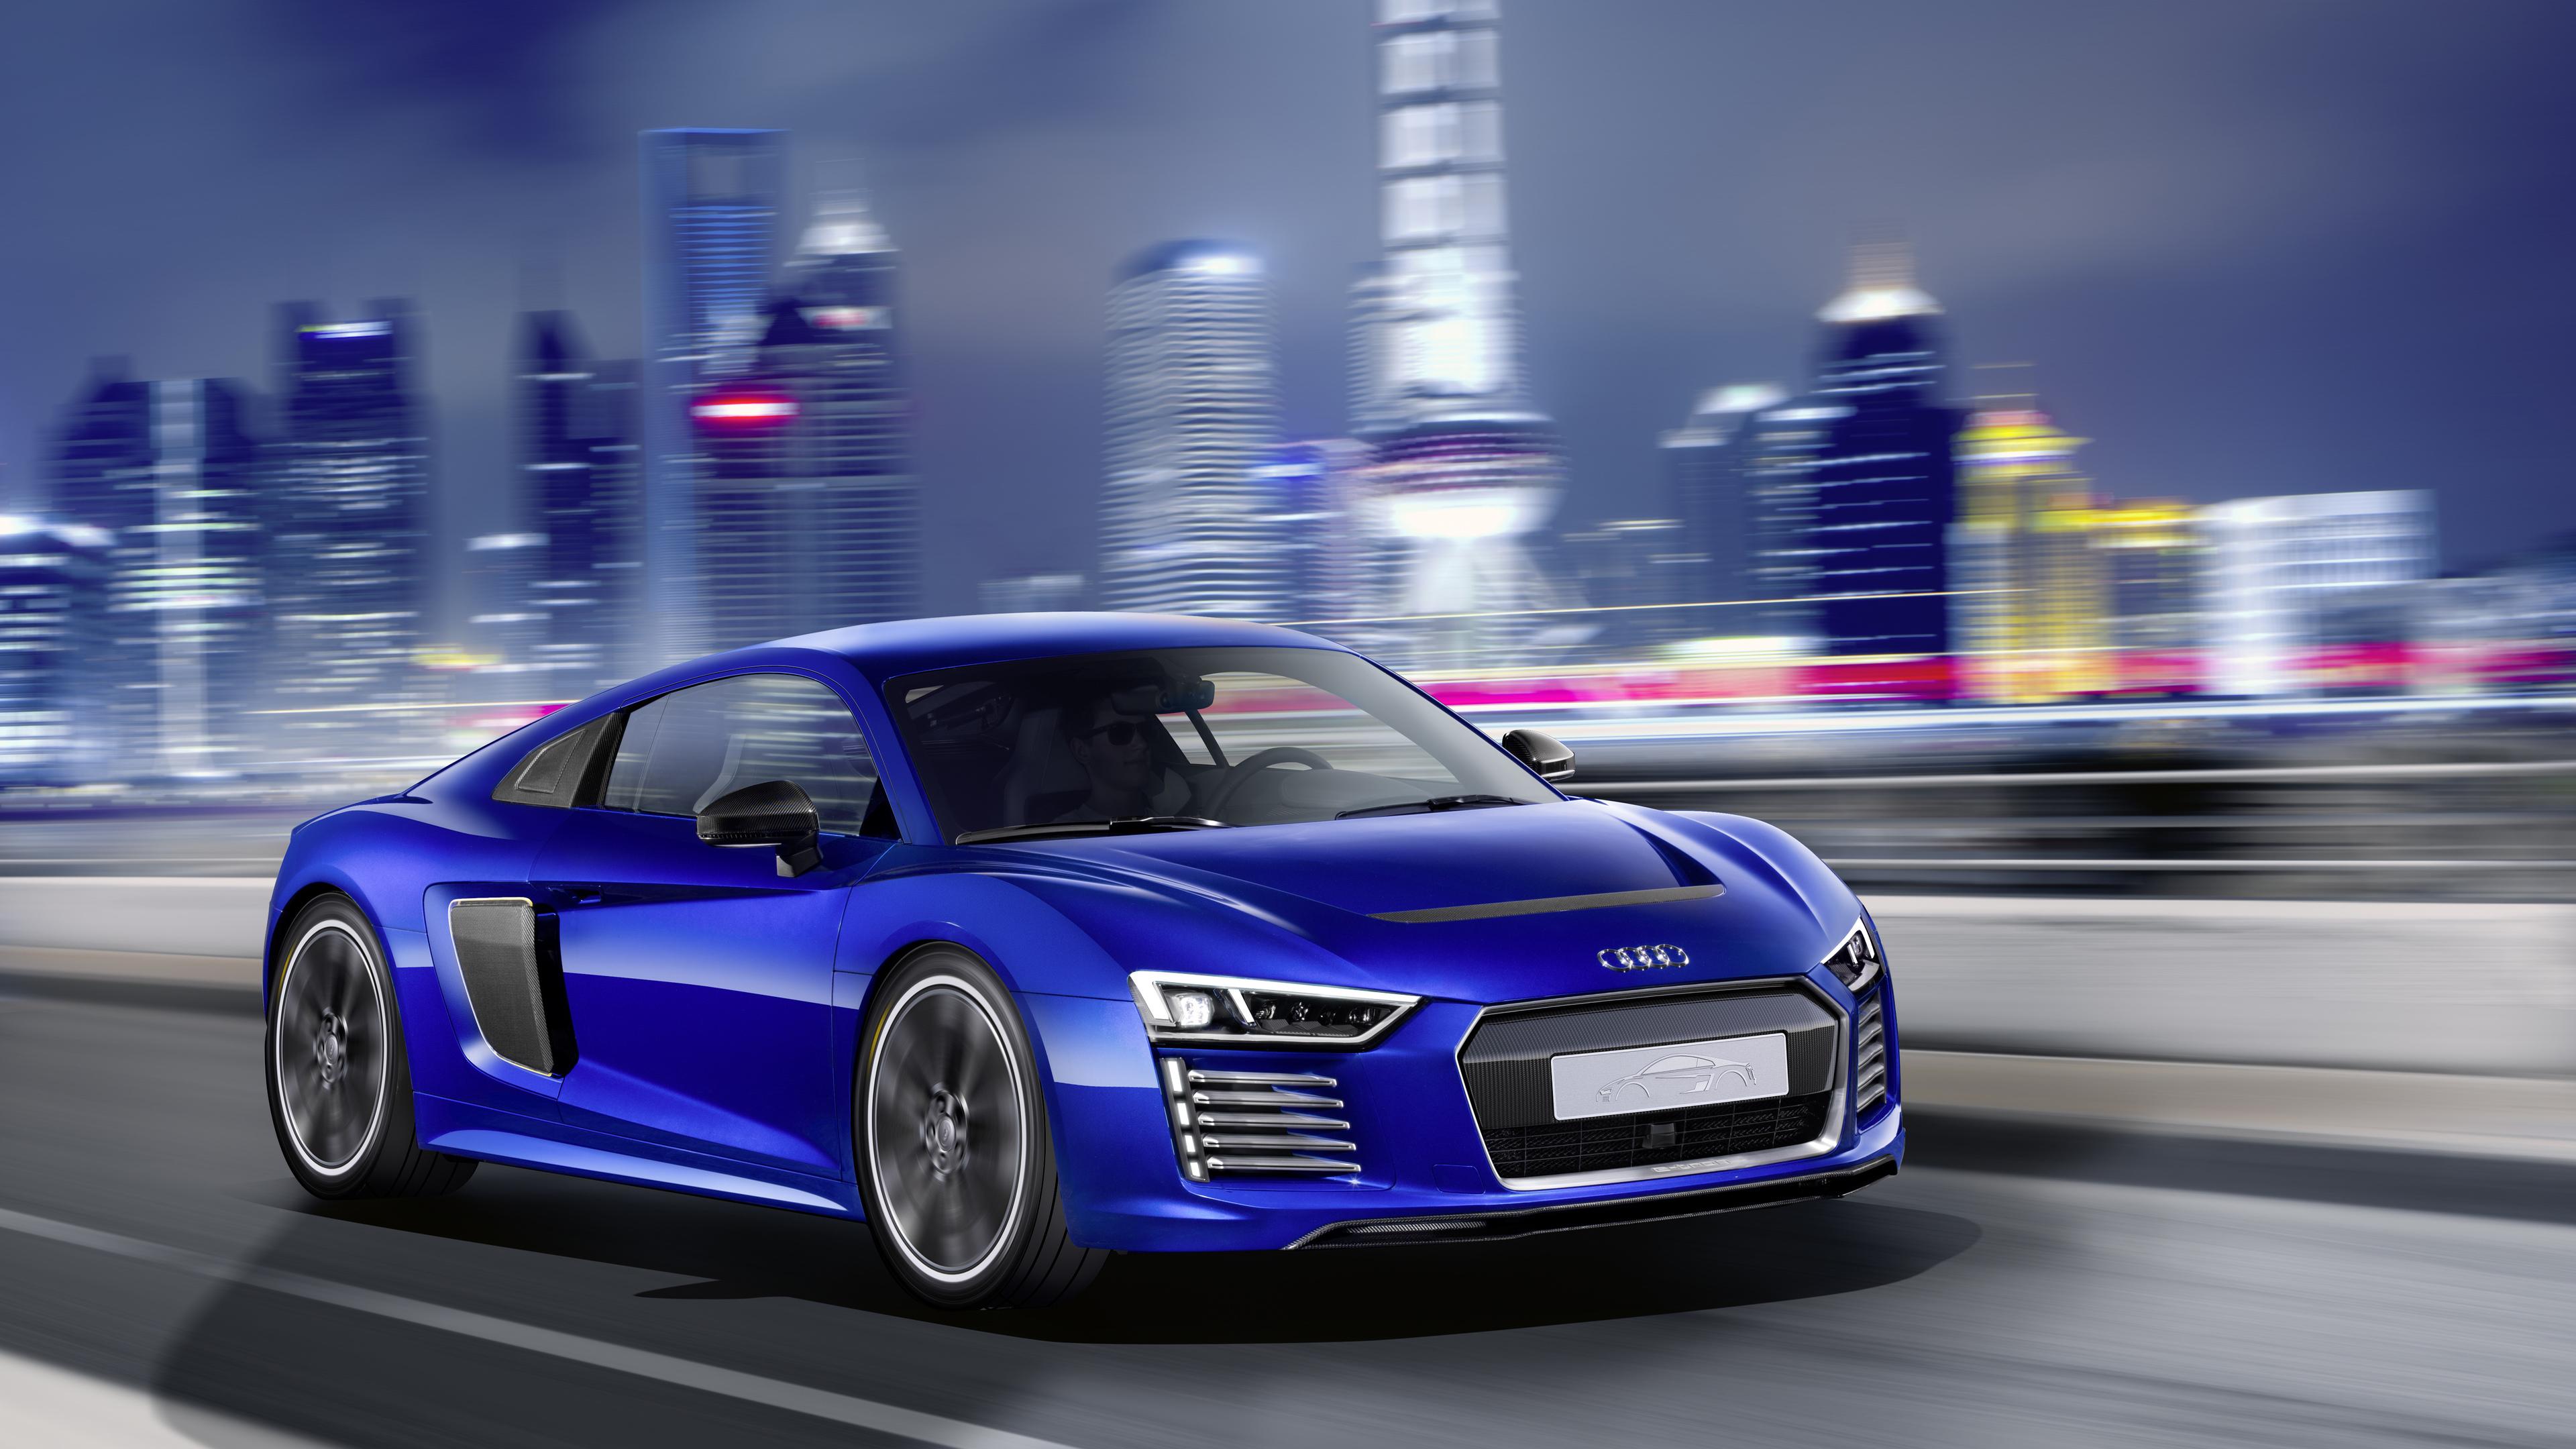 audi r8 2019 1559764637 - Audi R8 2019 - cars wallpapers, audi wallpapers, audi r8 wallpapers, 4k-wallpapers